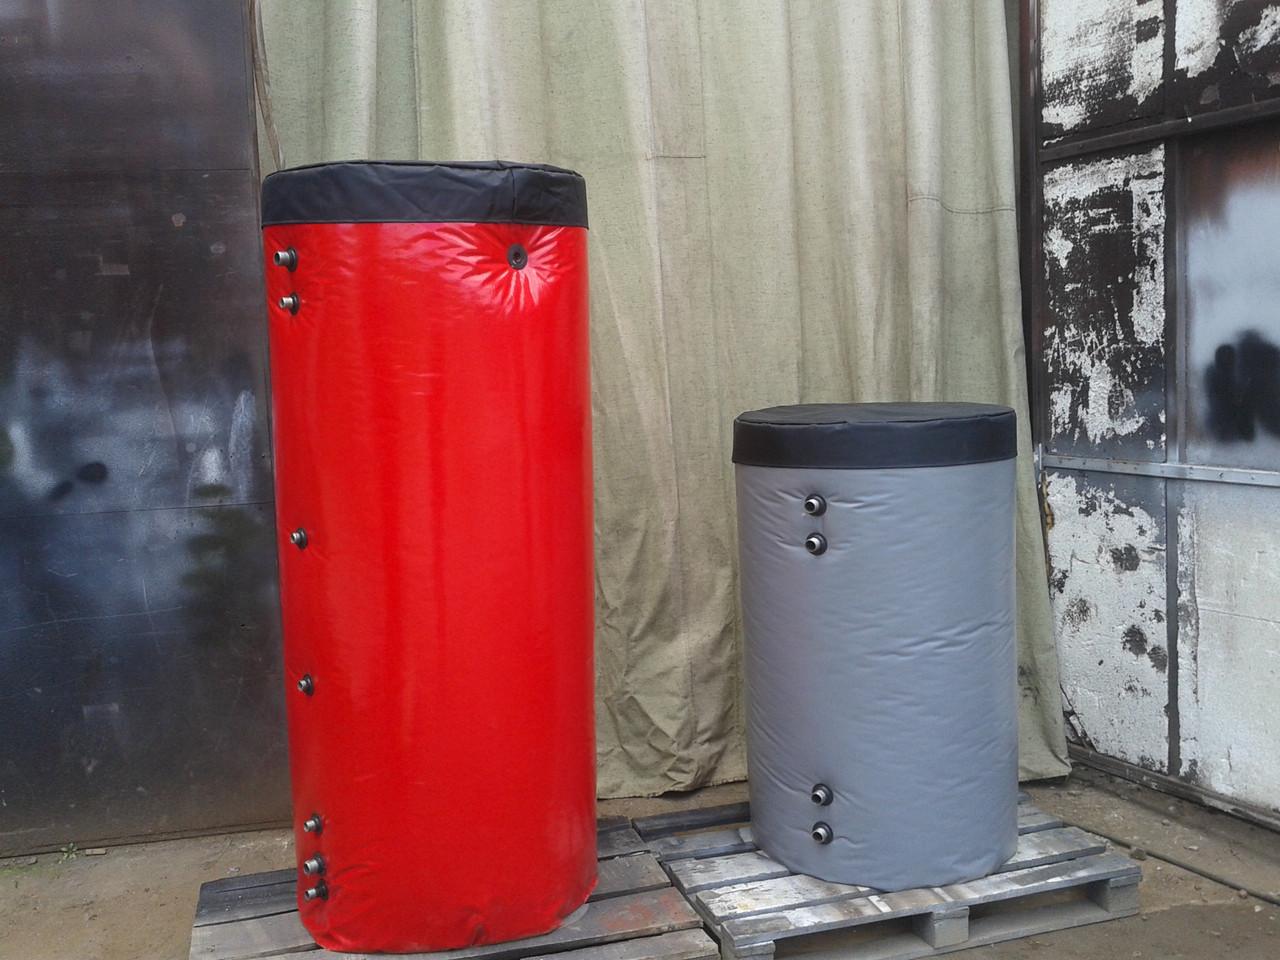 Теплообменник в теплоаккумуляторе из батареи Пластины теплообменника Ридан НН 81 Саров